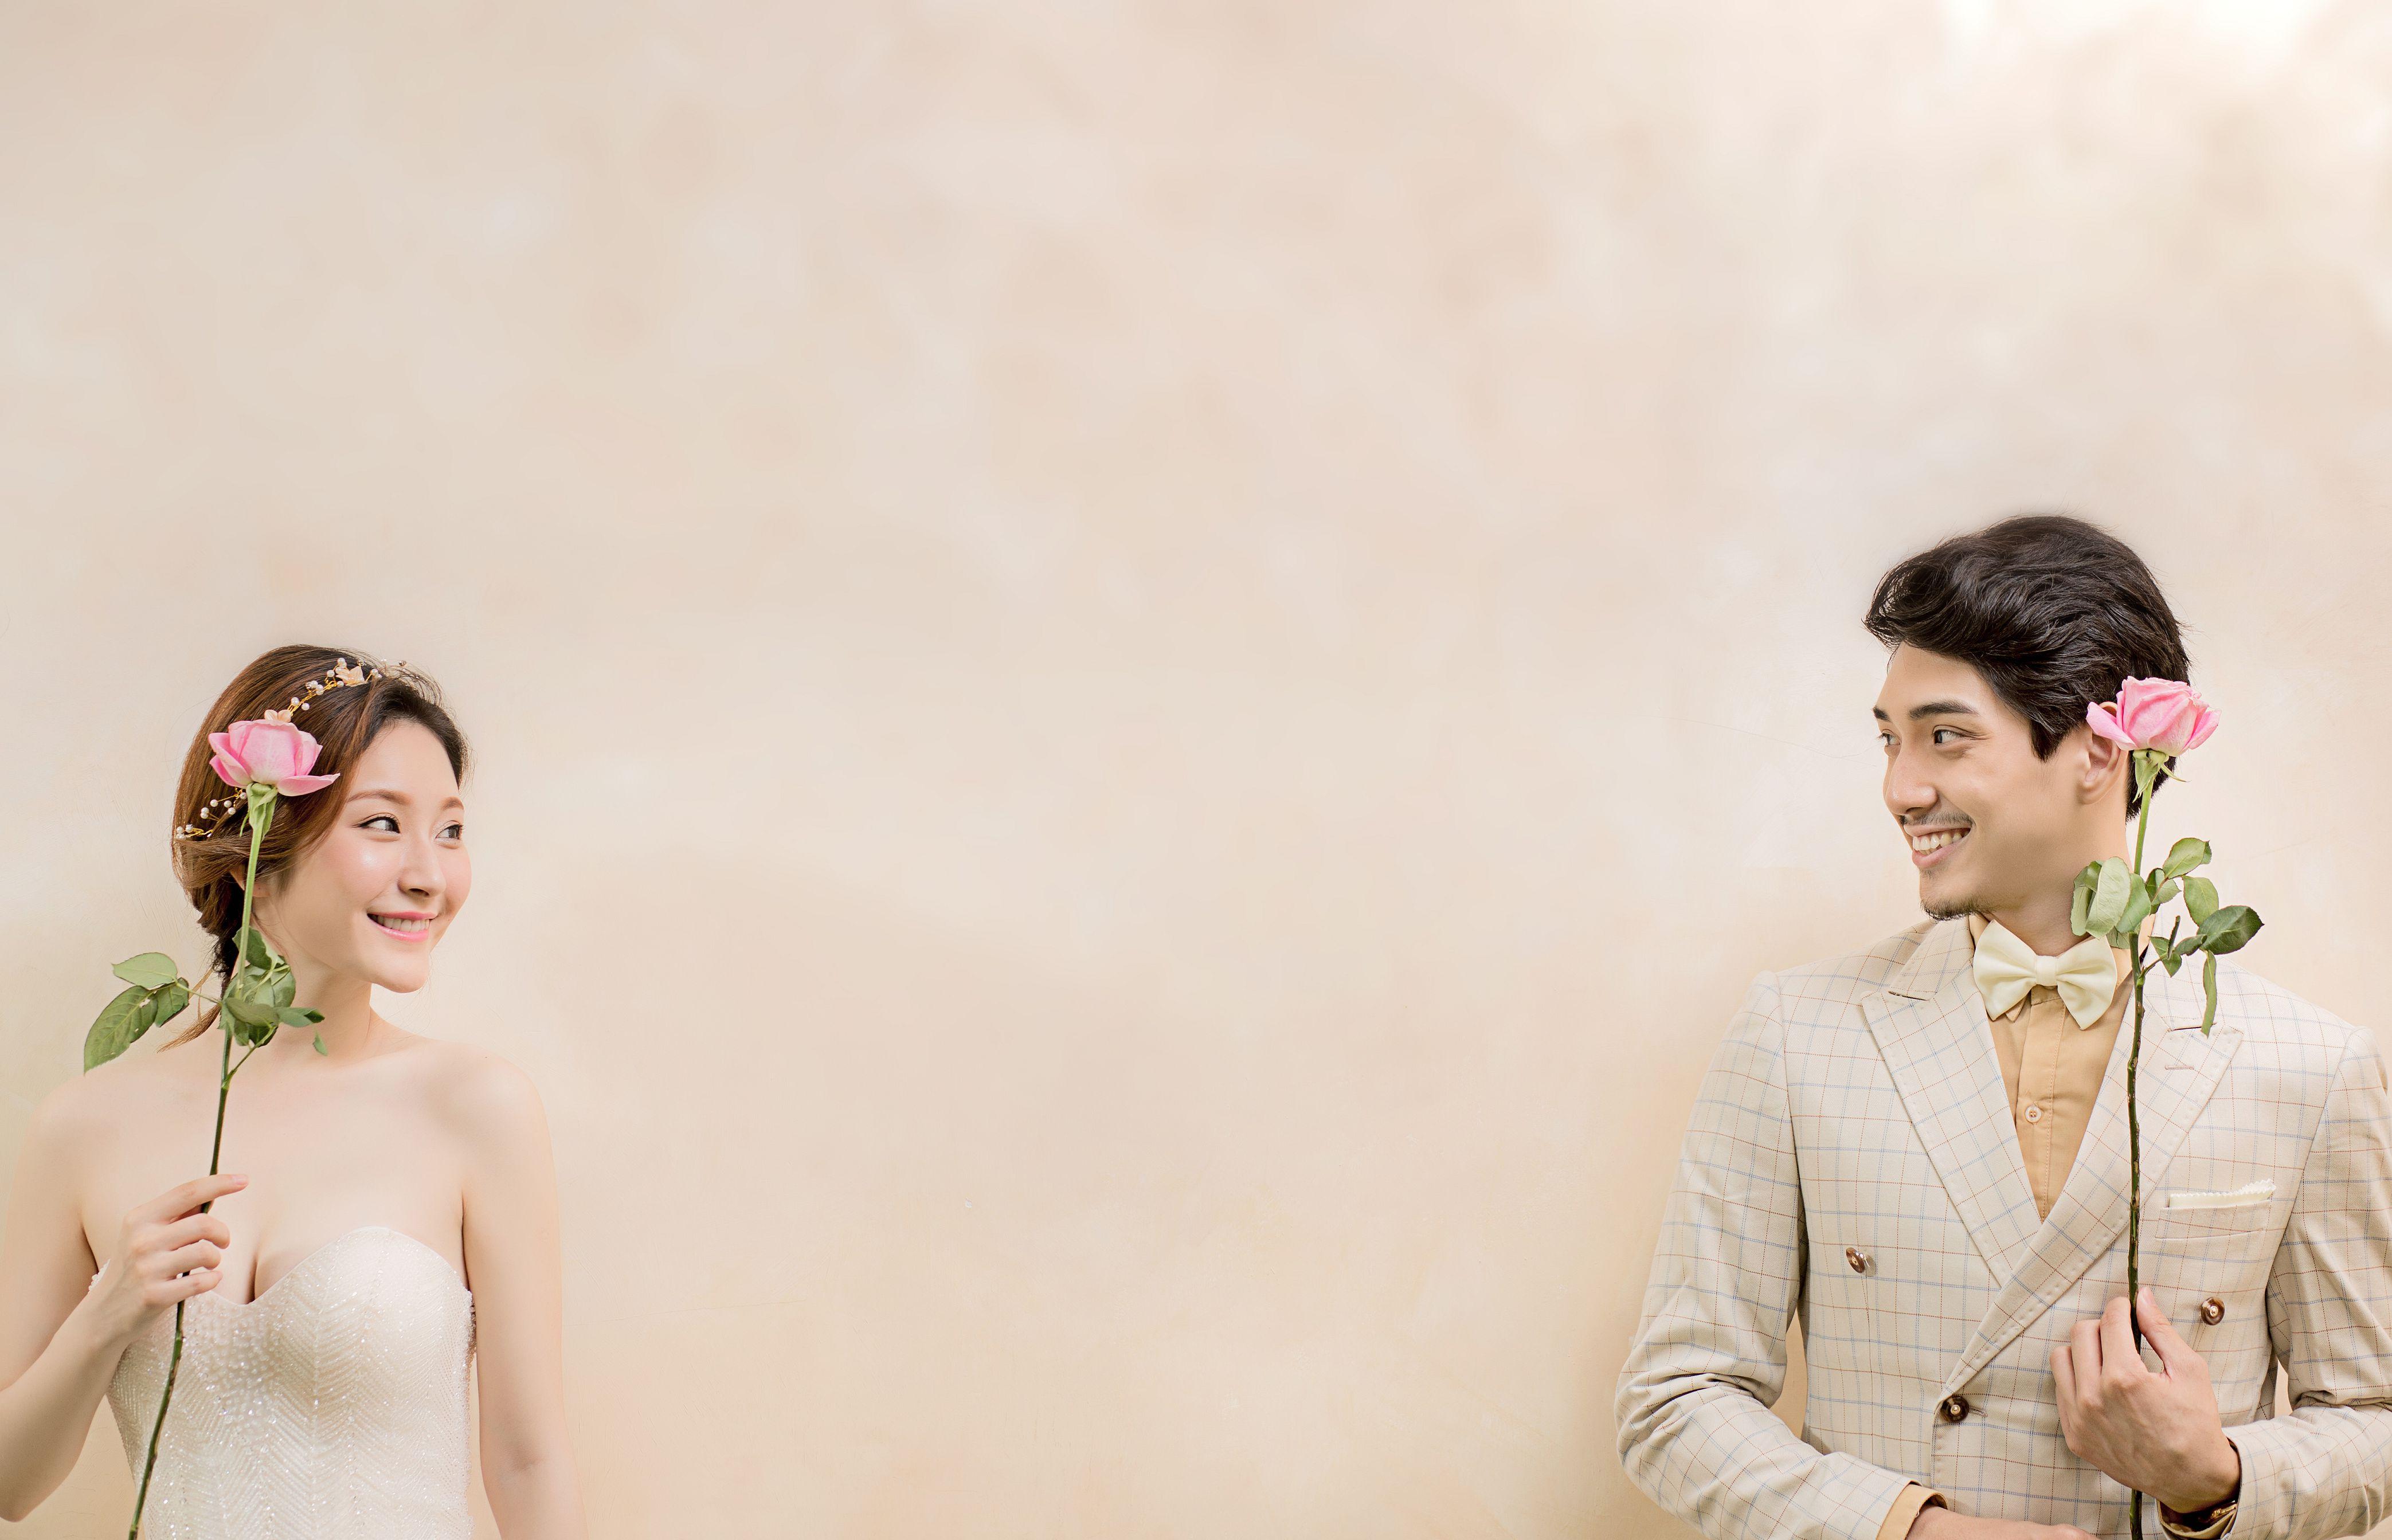 韩国婚礼歌曲,2018好听的韩国婚礼歌曲歌单